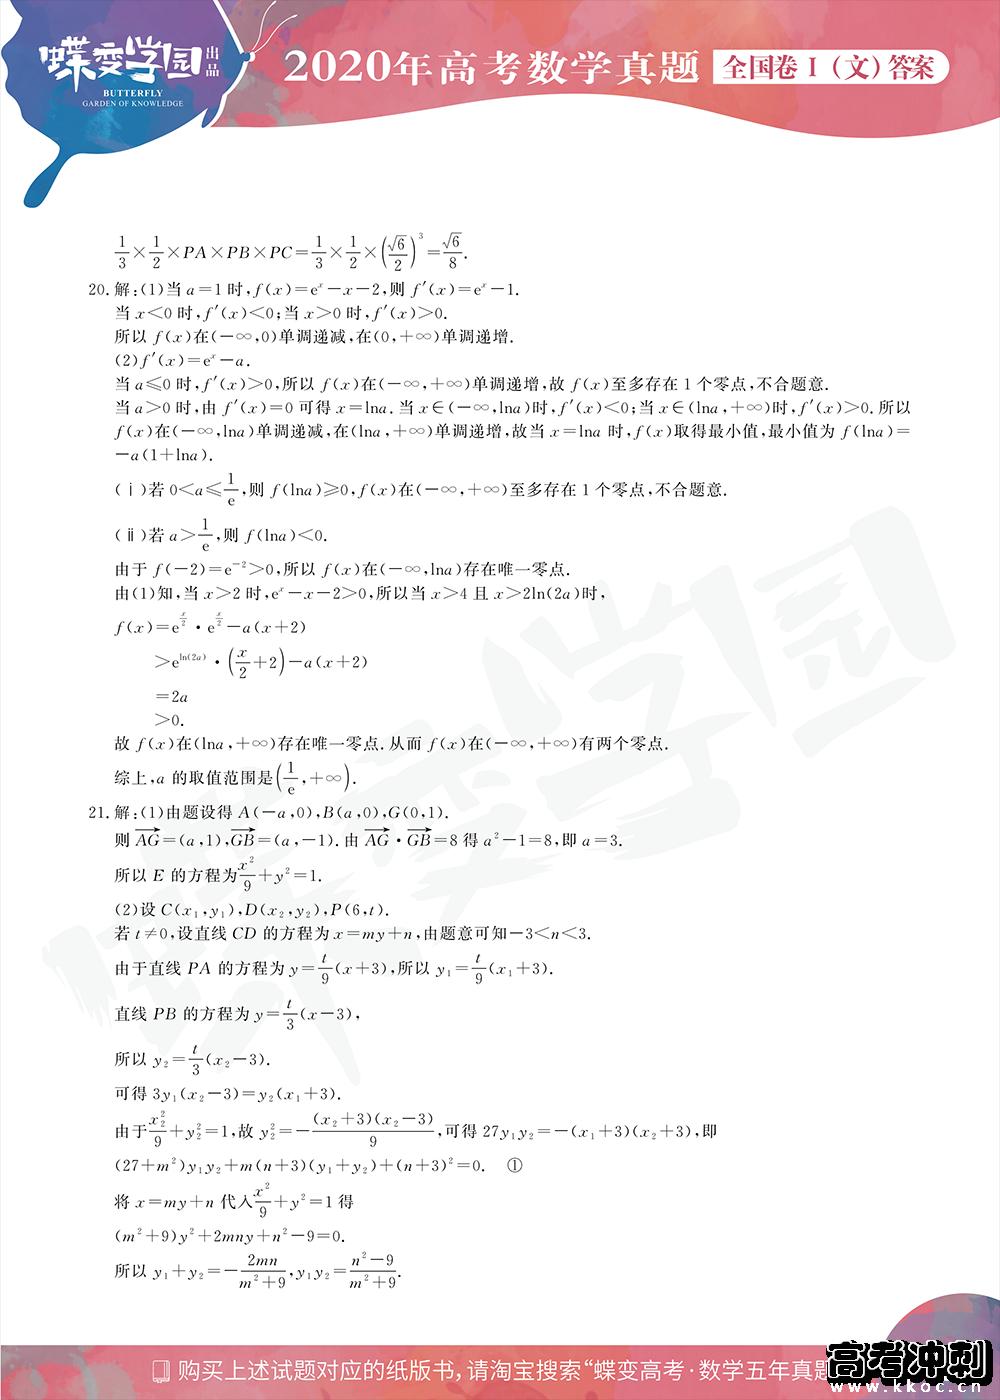 2020年全国1卷高考文科数学试题答案【高清精校版】